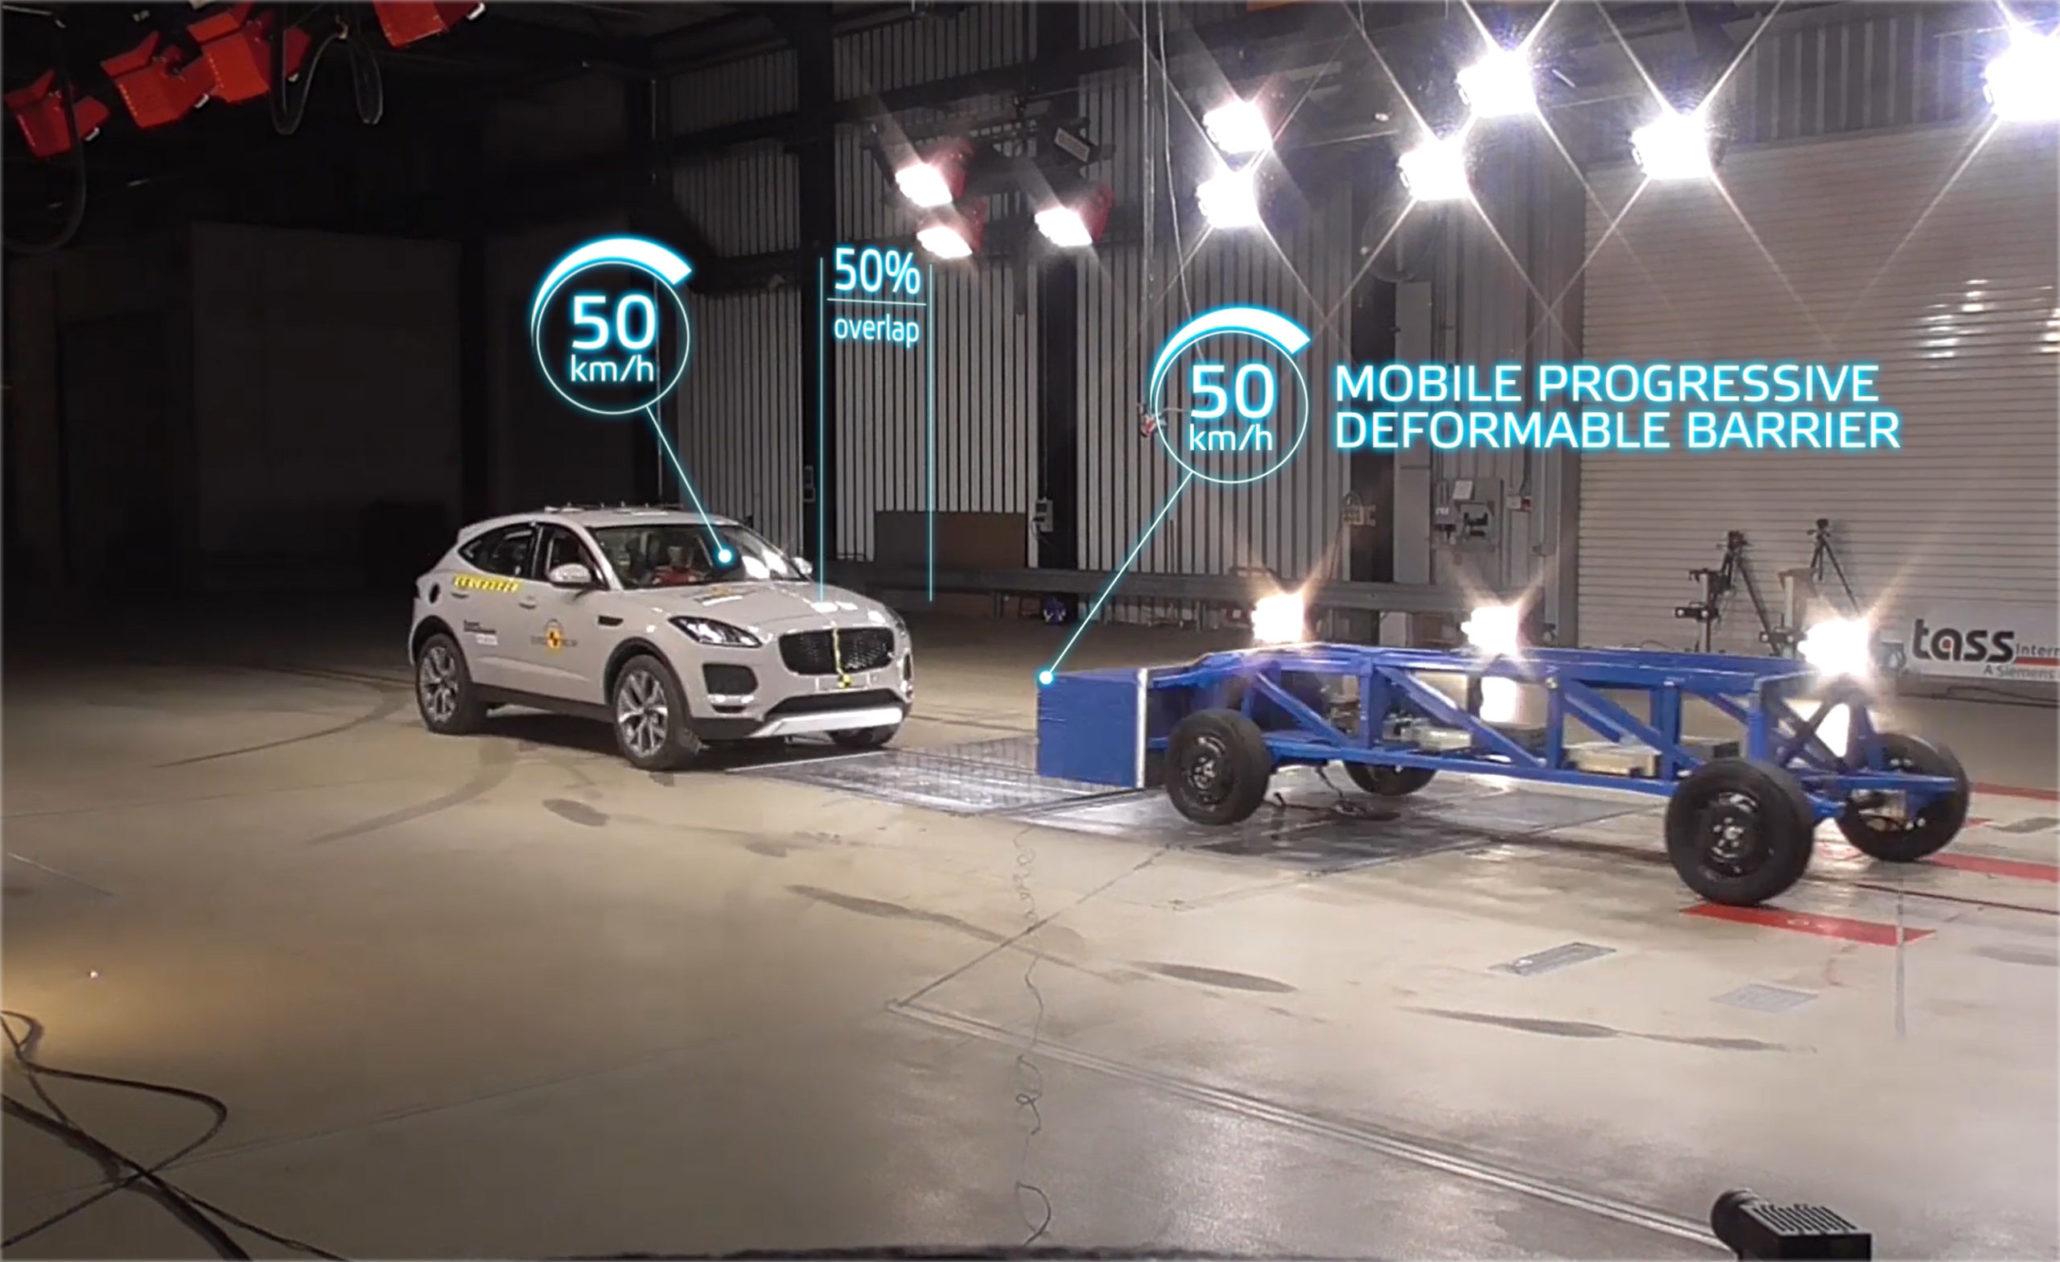 Euro NCAP nova barreira deformável